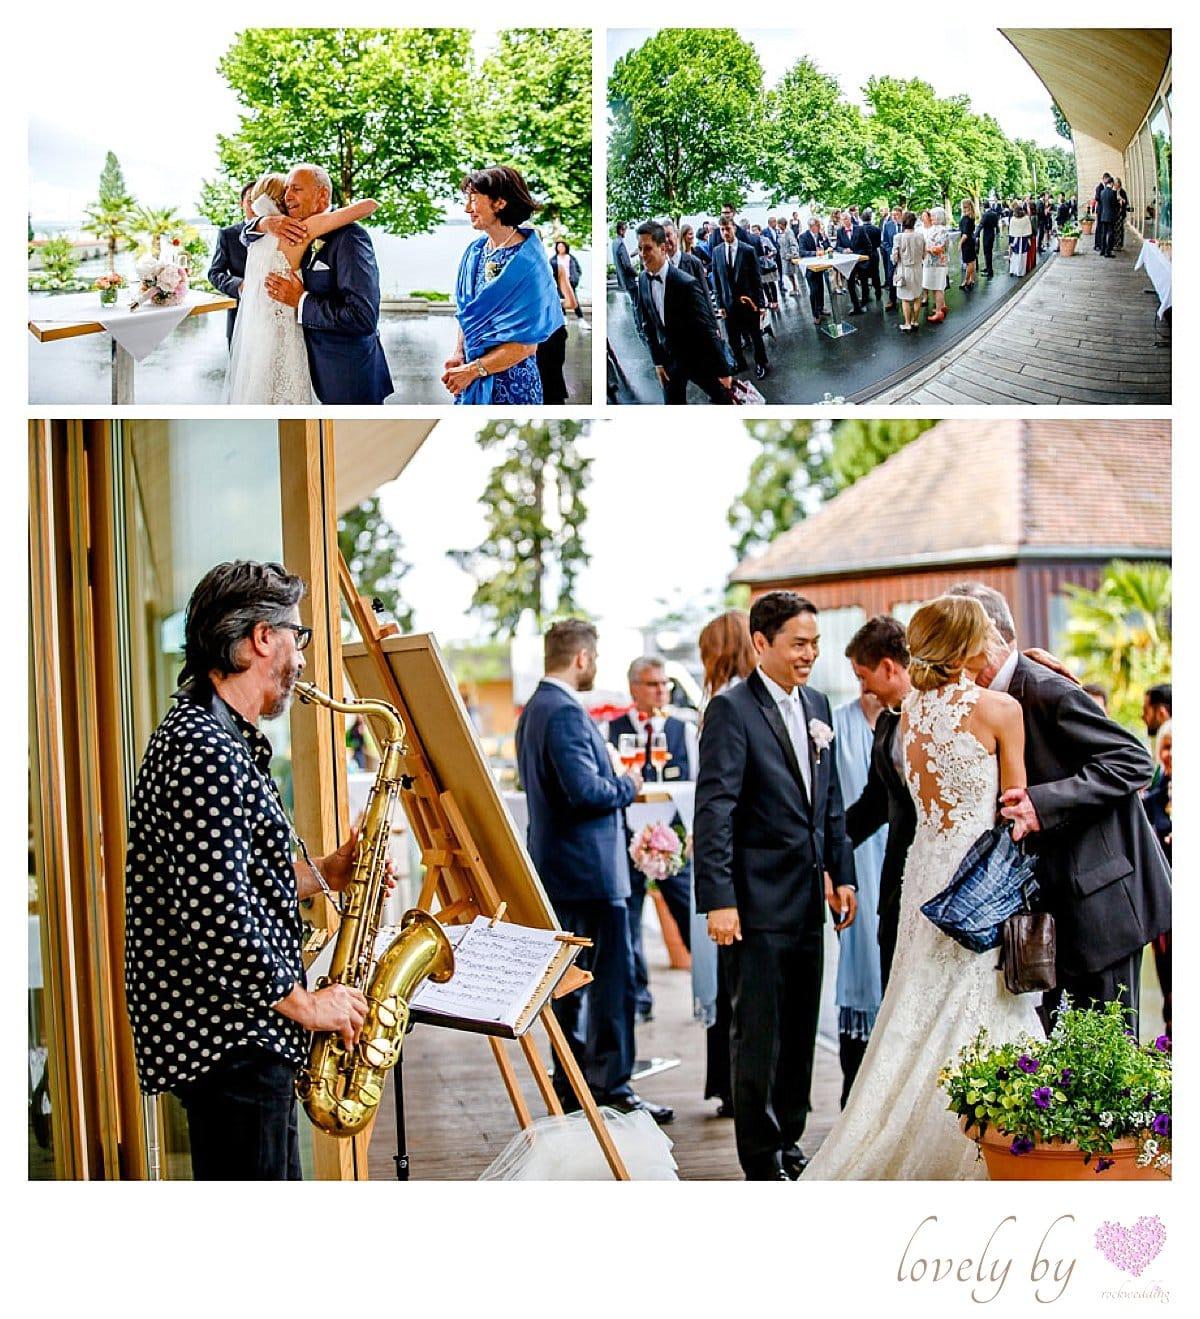 Hochzeit auf Insel Mainau am Bodensee Saxophonist Volker Wagner organisiert von Rockwedding